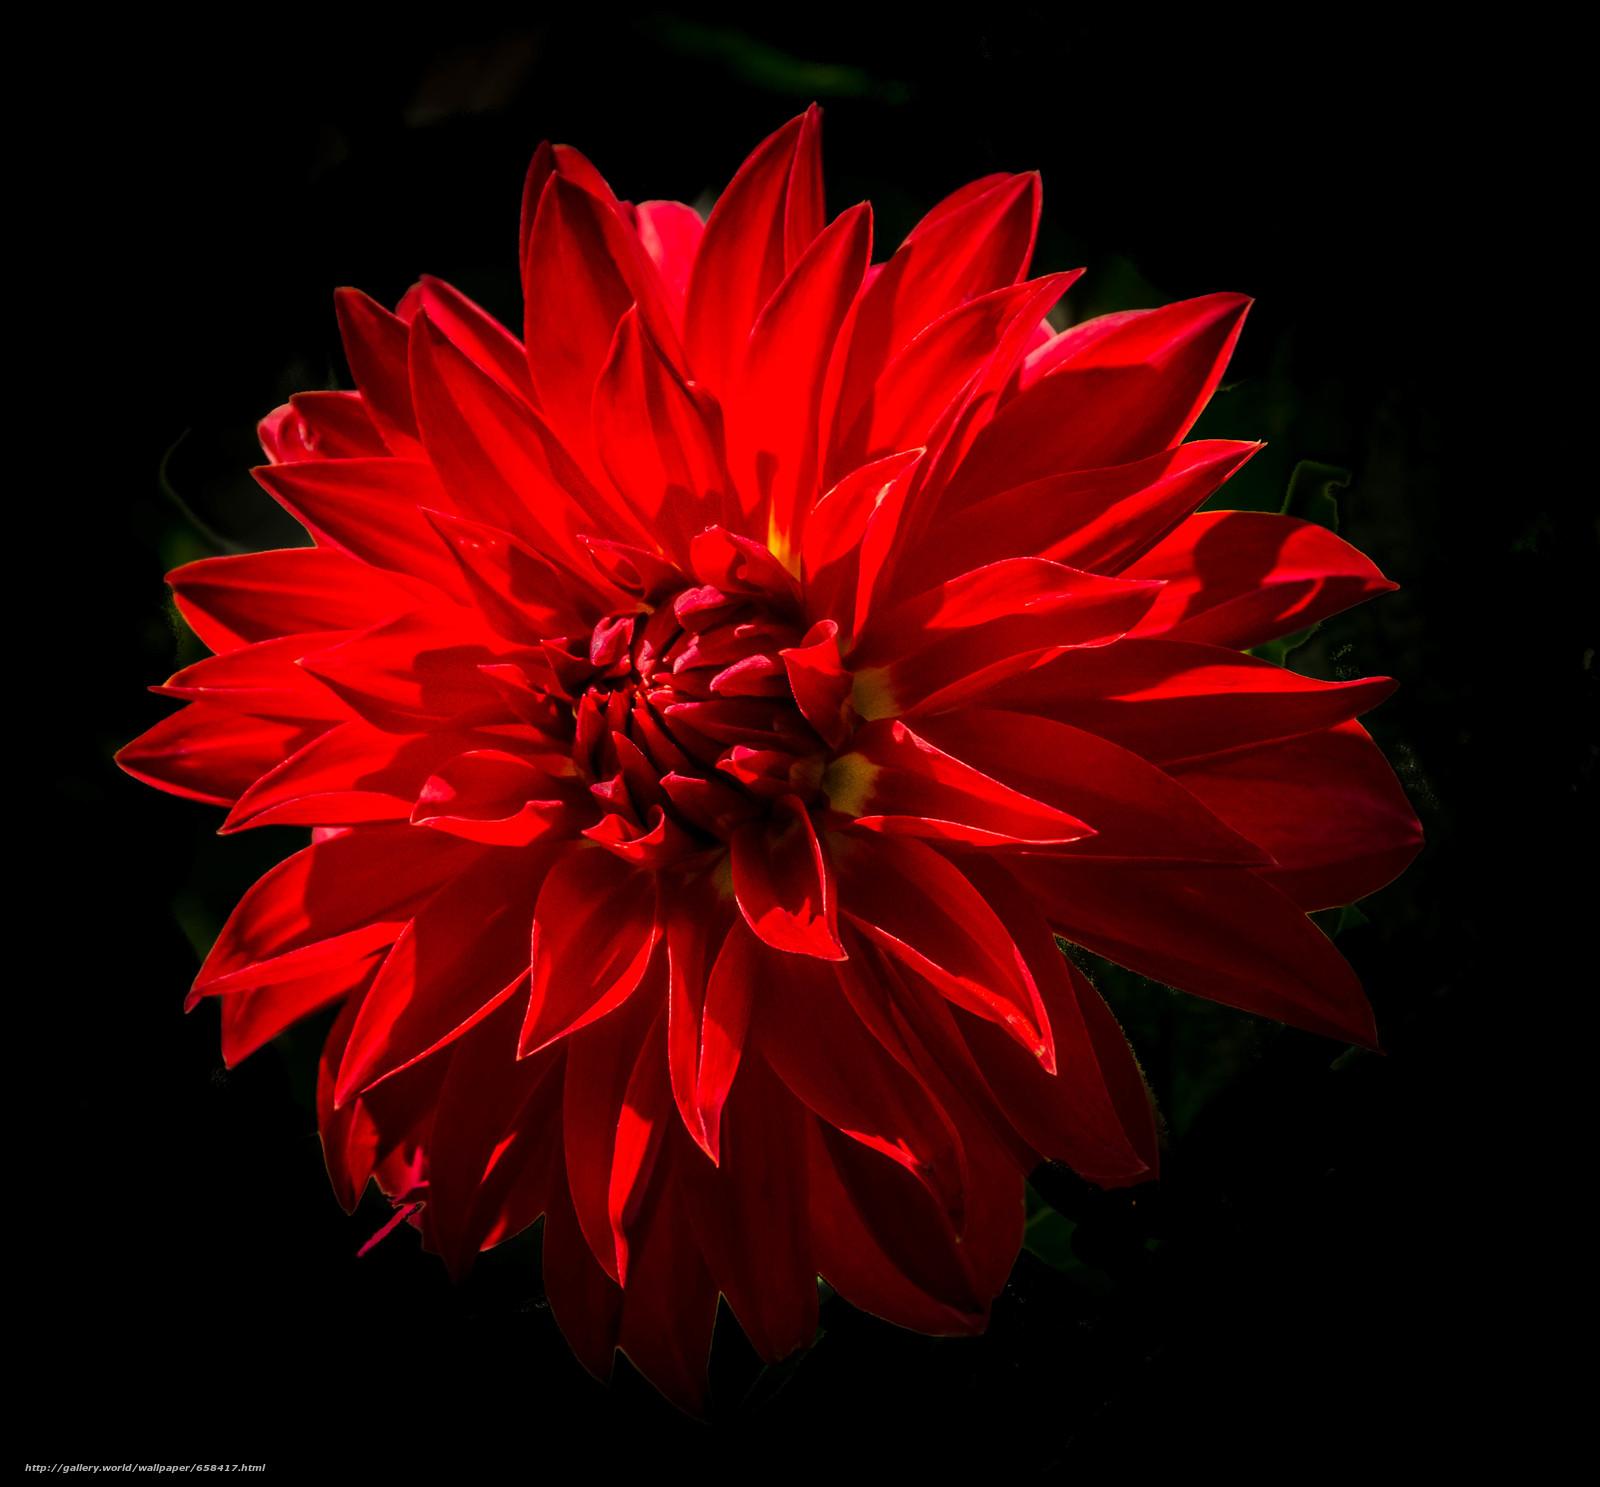 Скачать обои цветок,  цветы,  флора,  георгин бесплатно для рабочего стола в разрешении 3493x3246 — картинка №658417